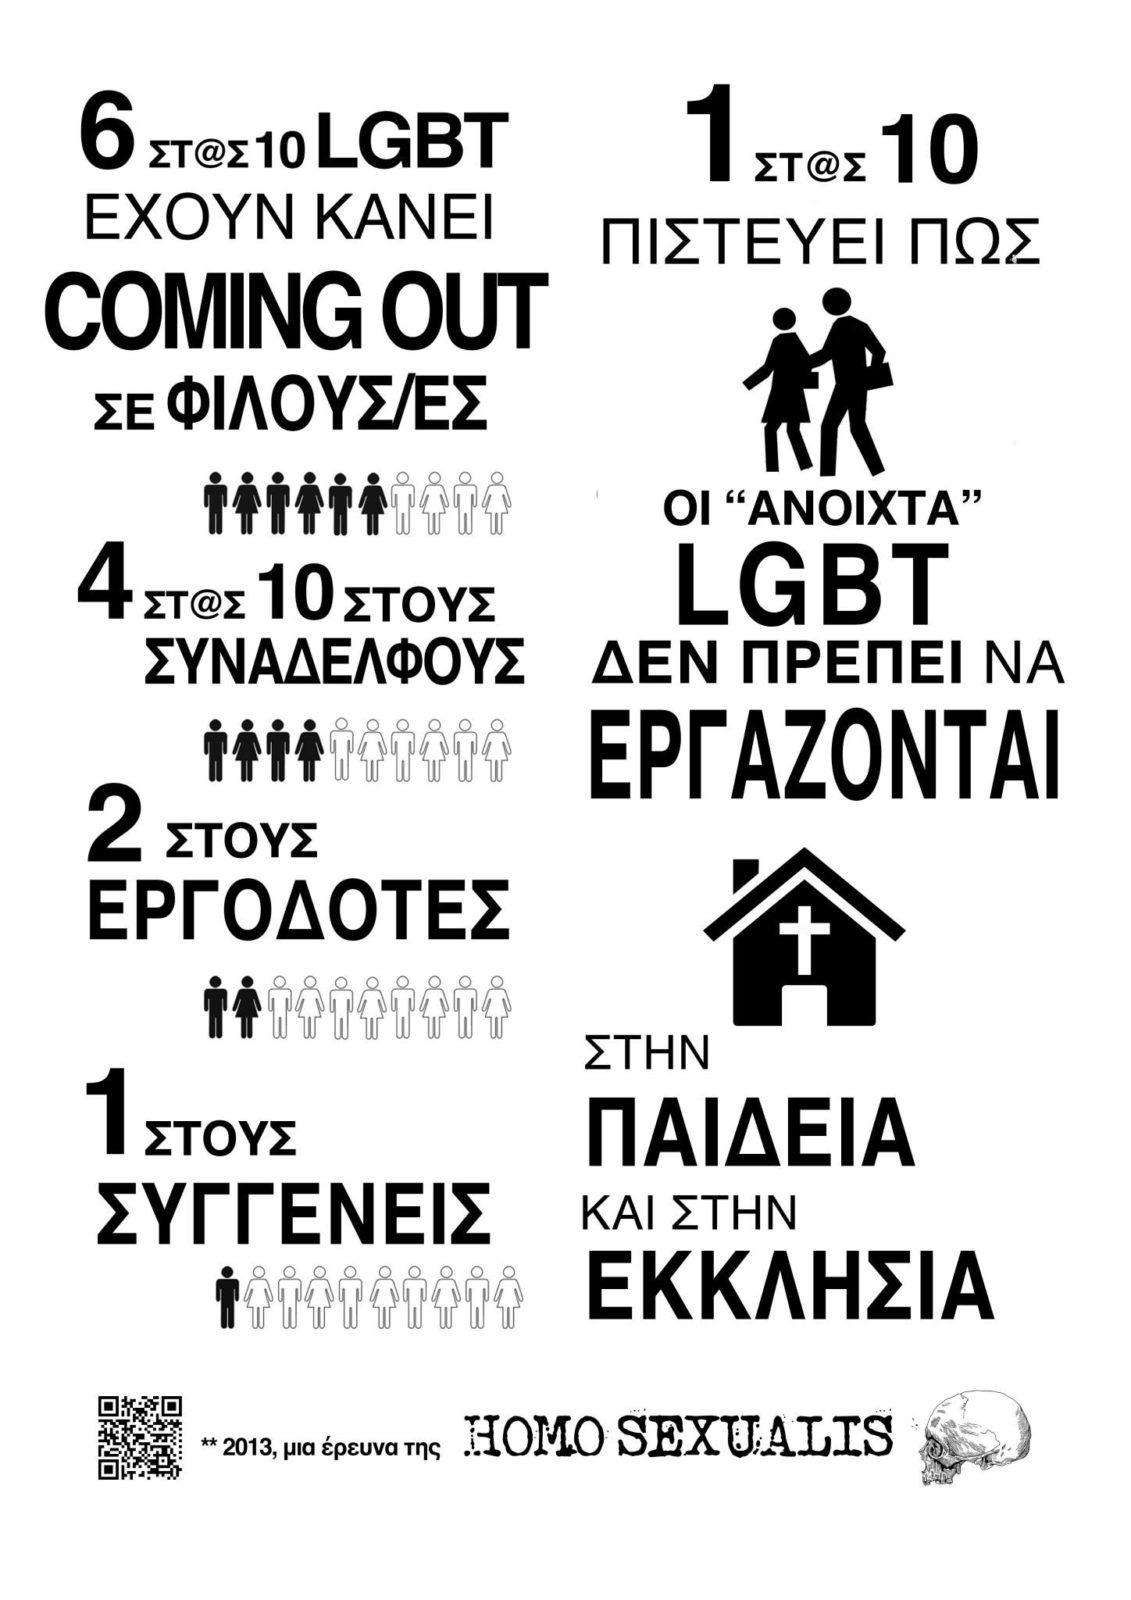 ο Μπρεντ Κόριγκαν γκέι πορνό μαύρο έφηβος μουνί Μάστερ